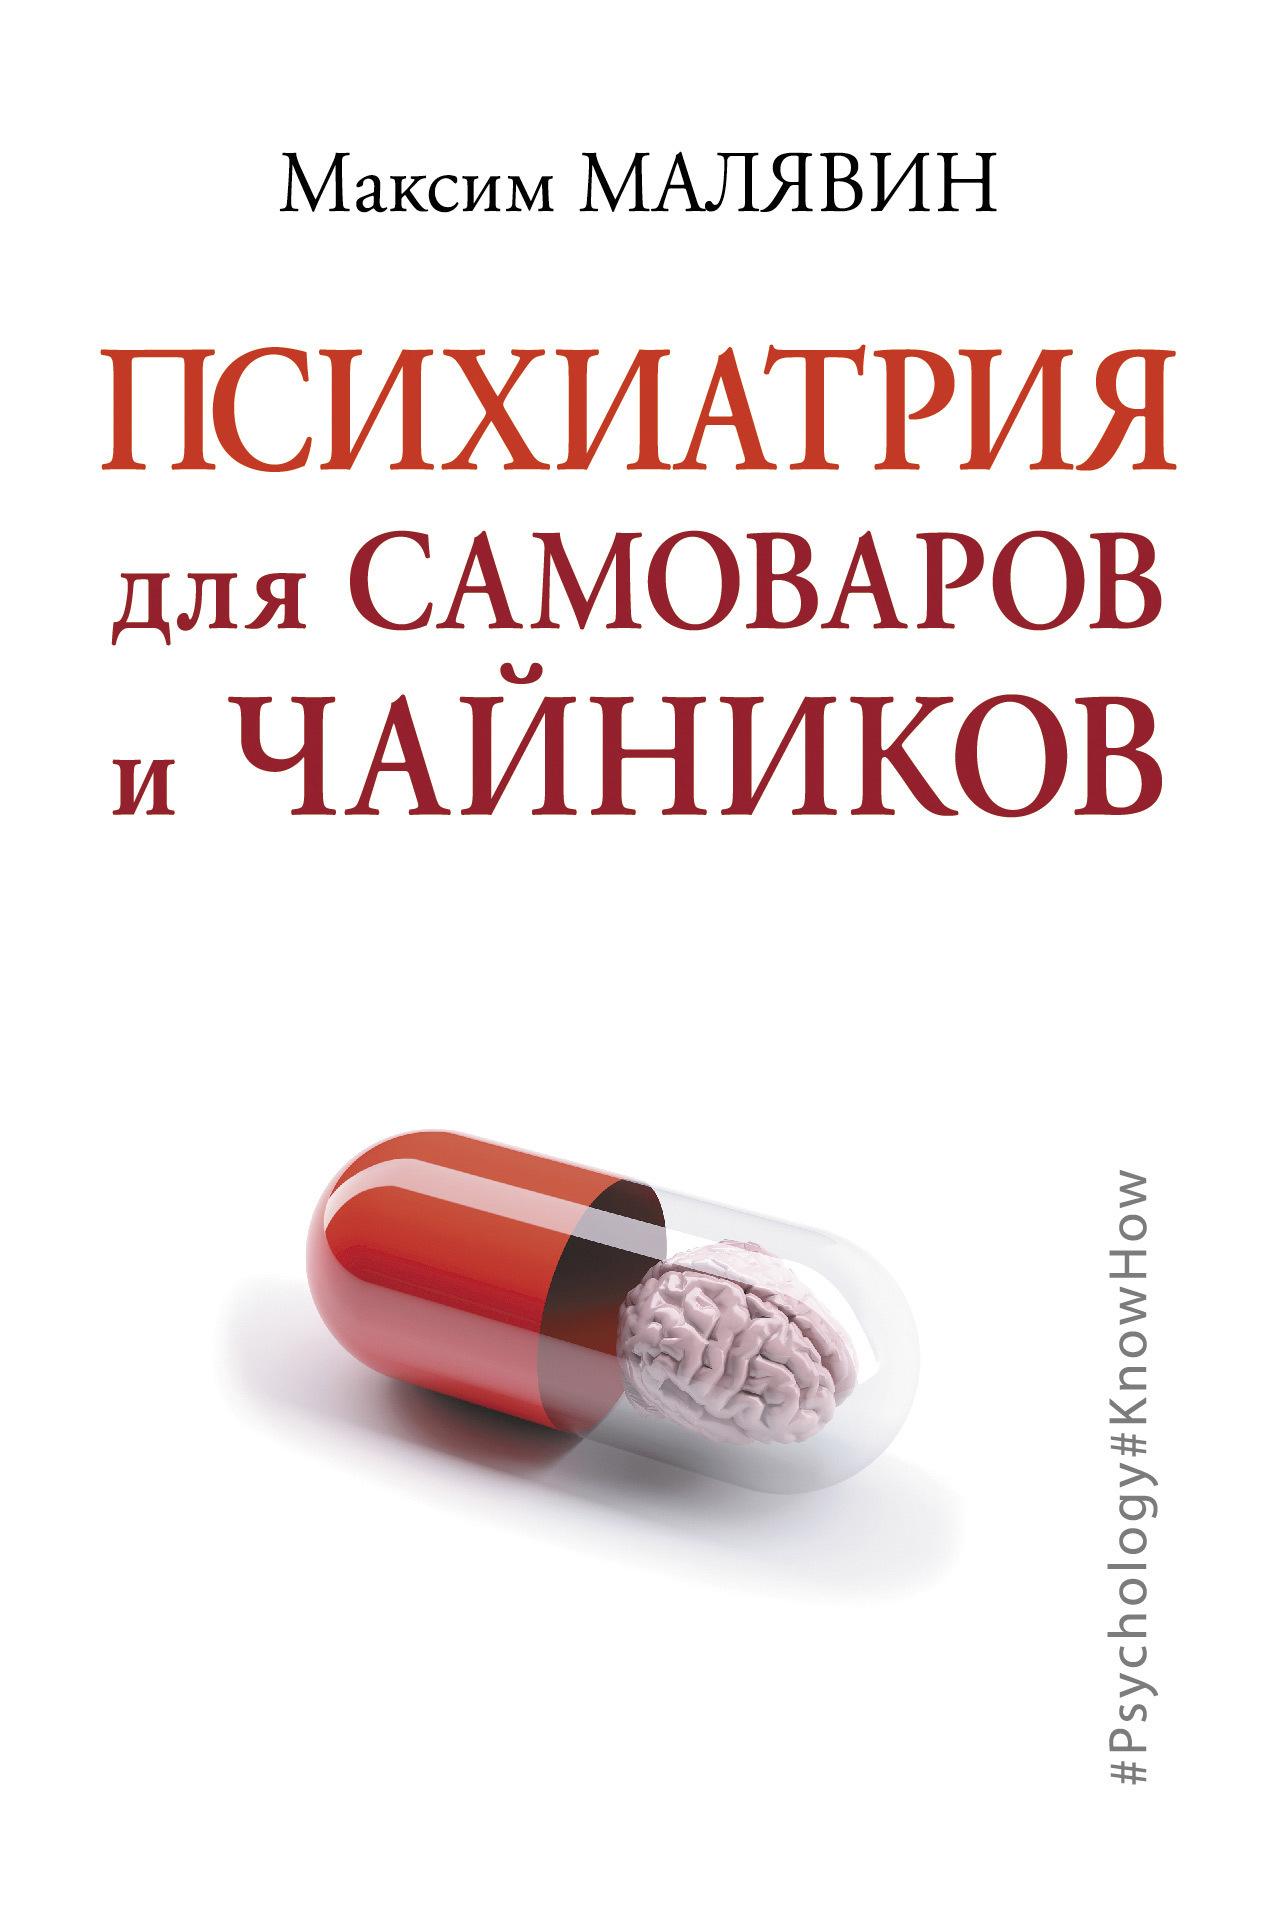 Максим Малявин «Психиатрия для самоваров и чайников»